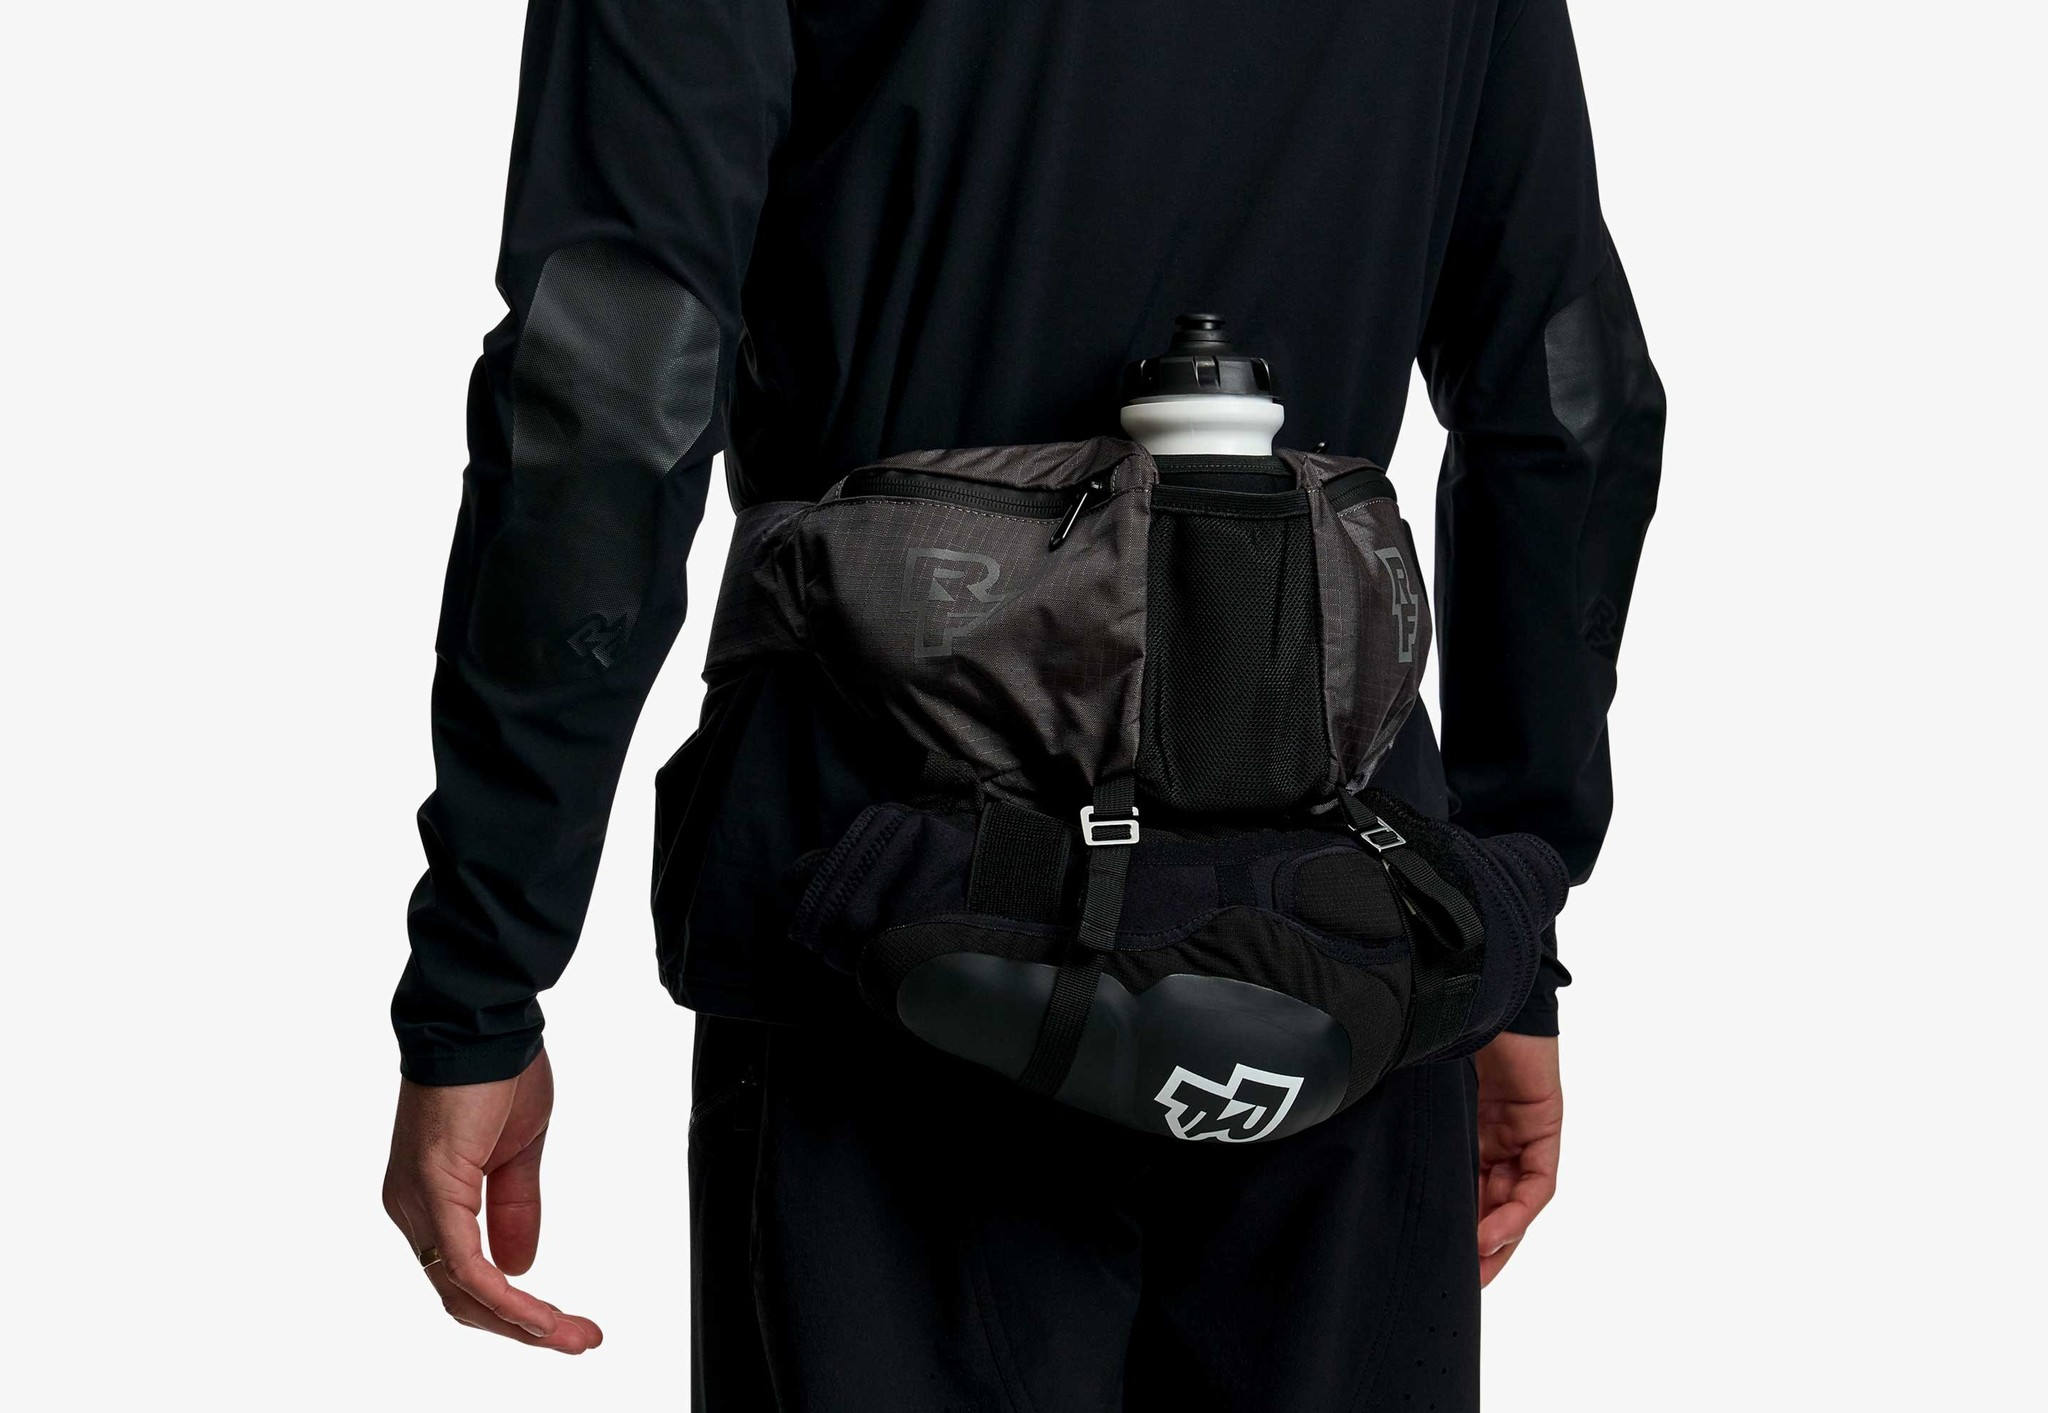 RaceFace Stash Quick Rip Bag 1.5L-1